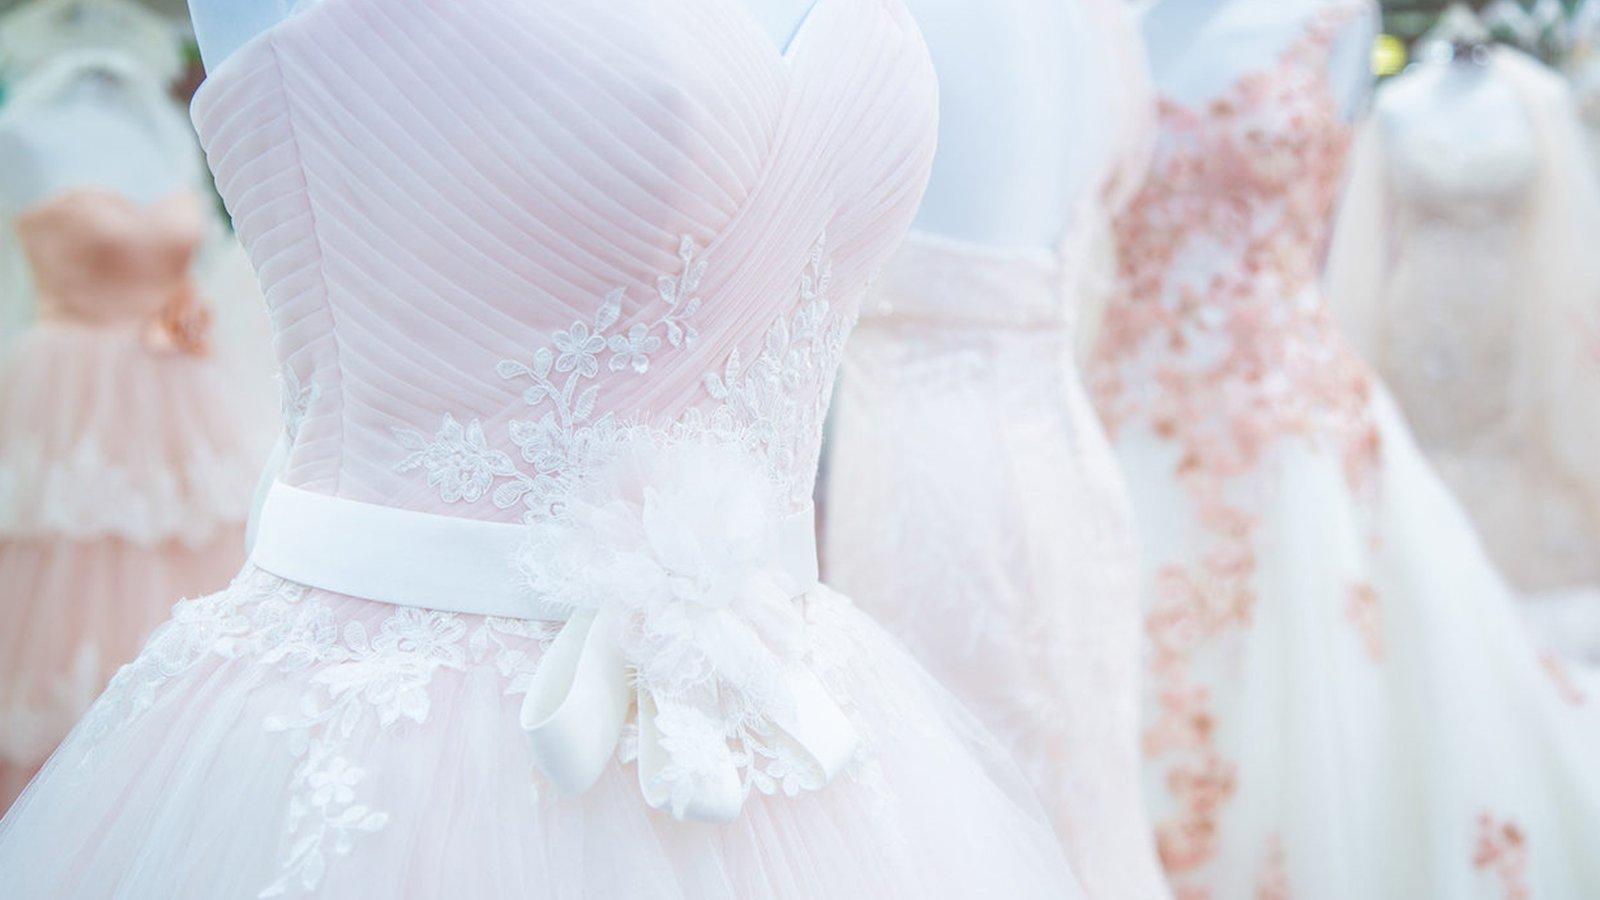 dei manichini con degli abiti da sposa